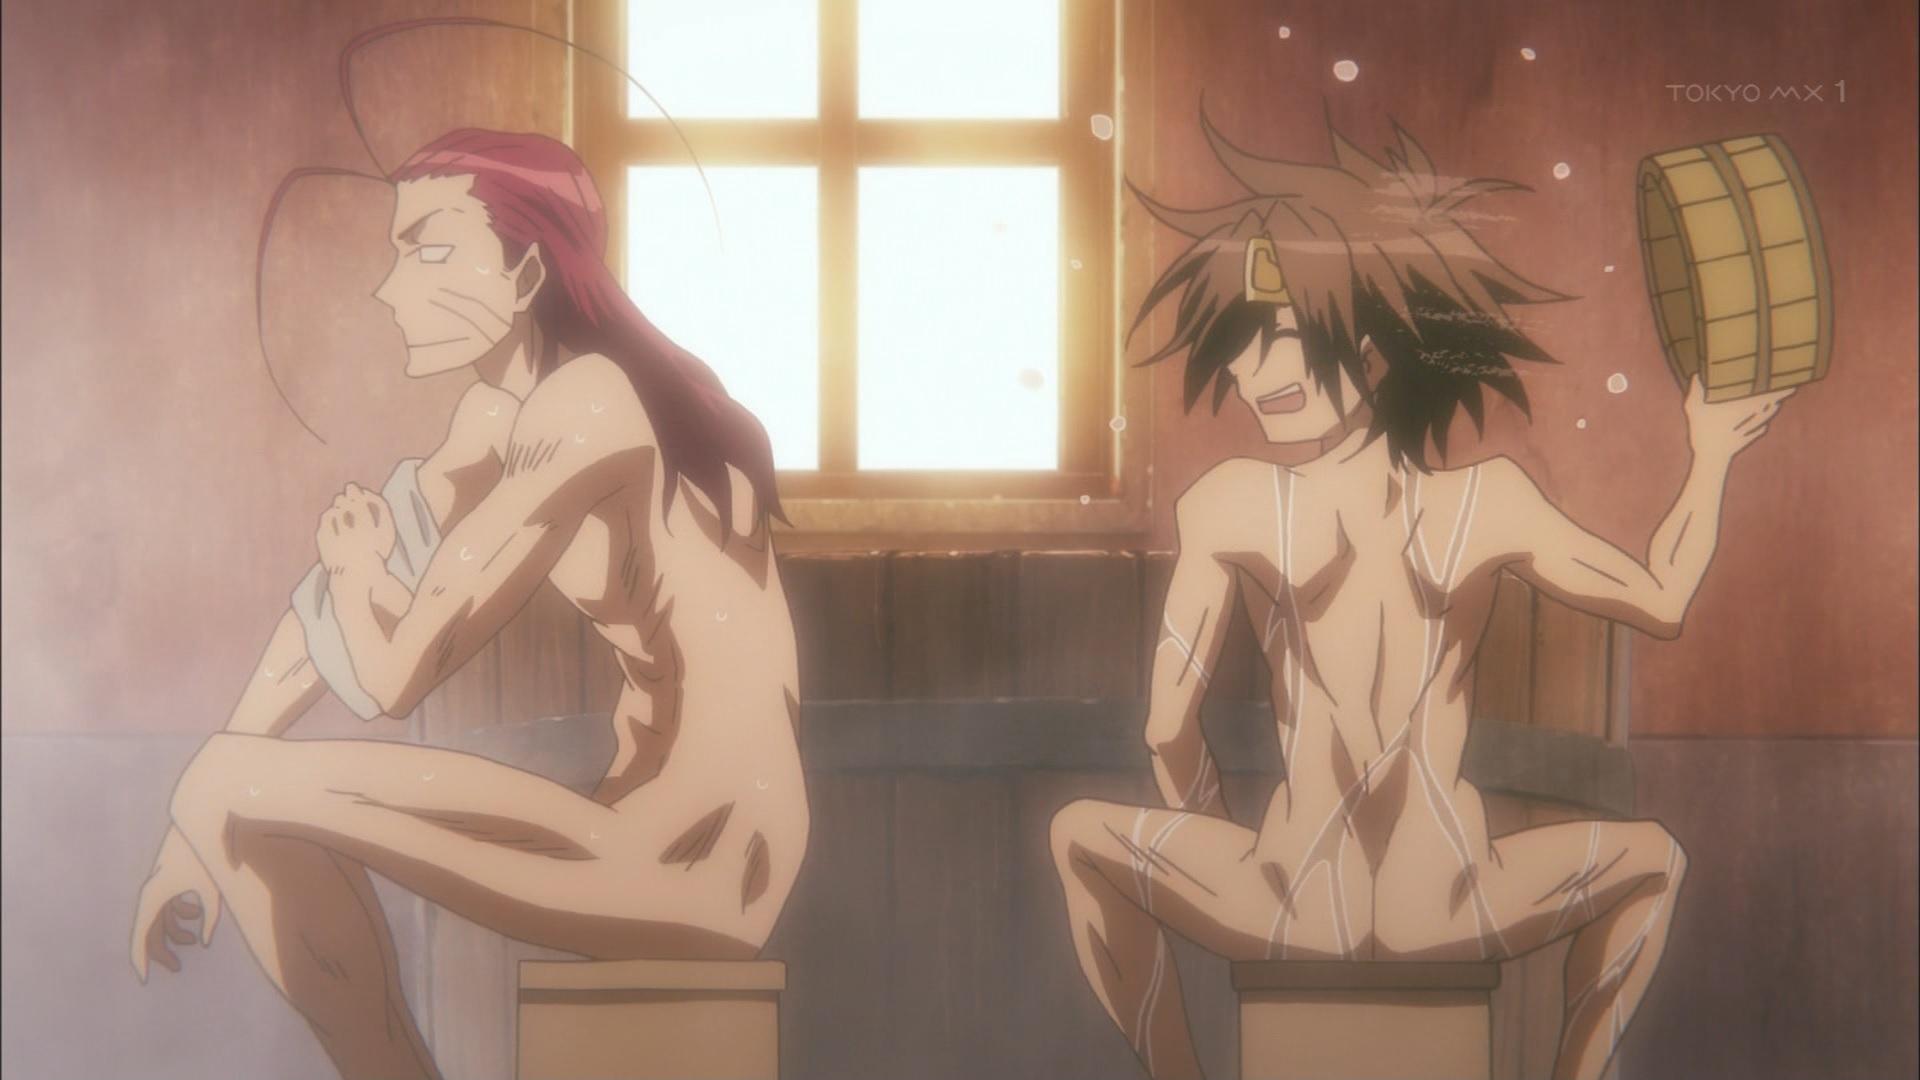 風呂に入る沙悟浄と孫悟空